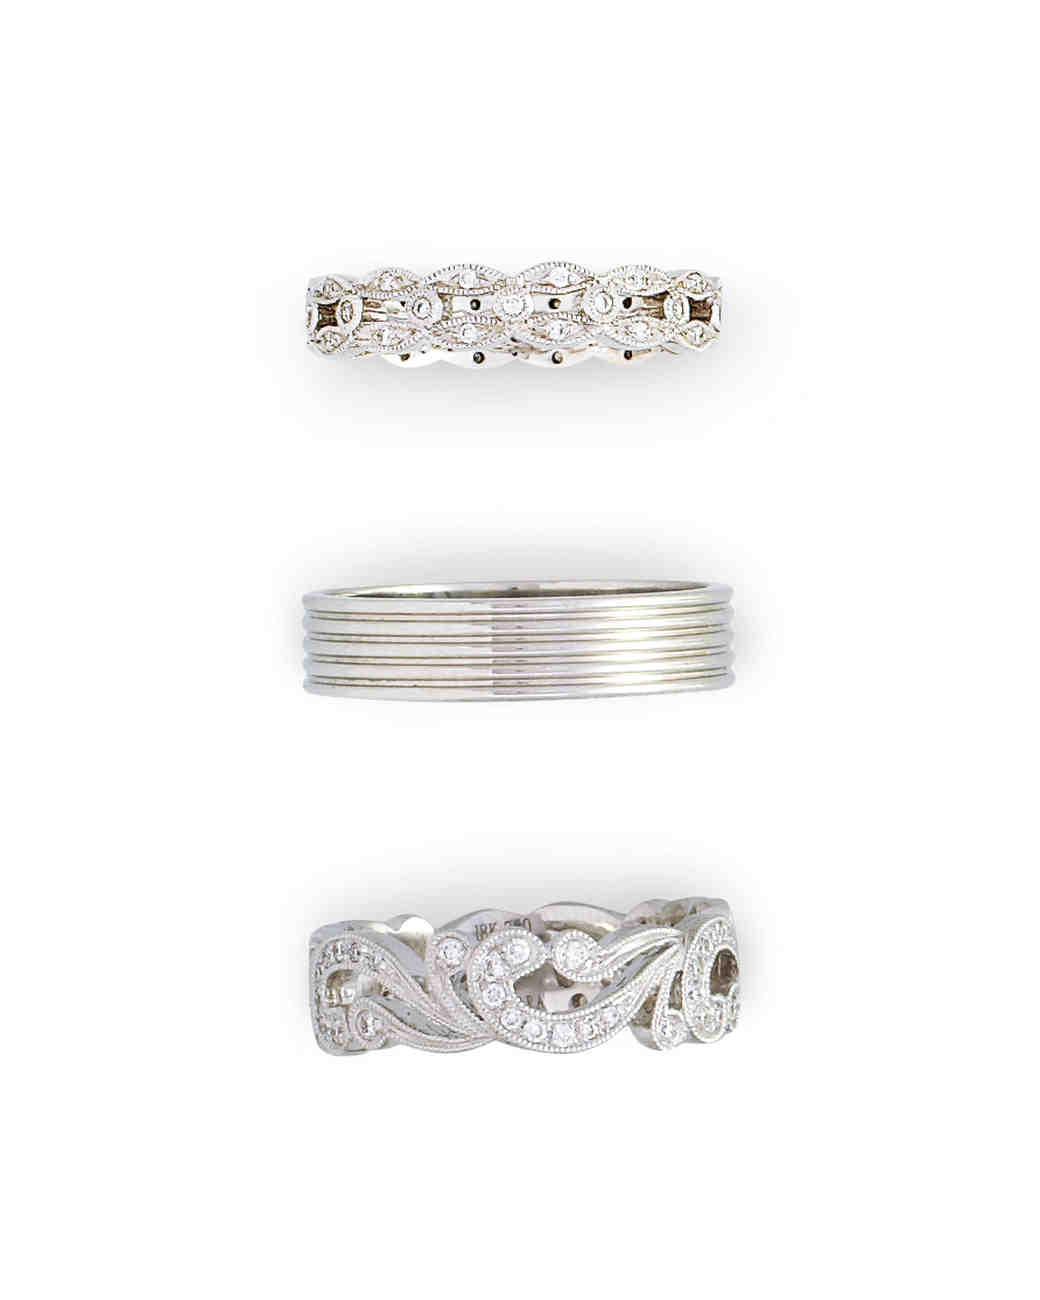 rings-2-mwd109728.jpg